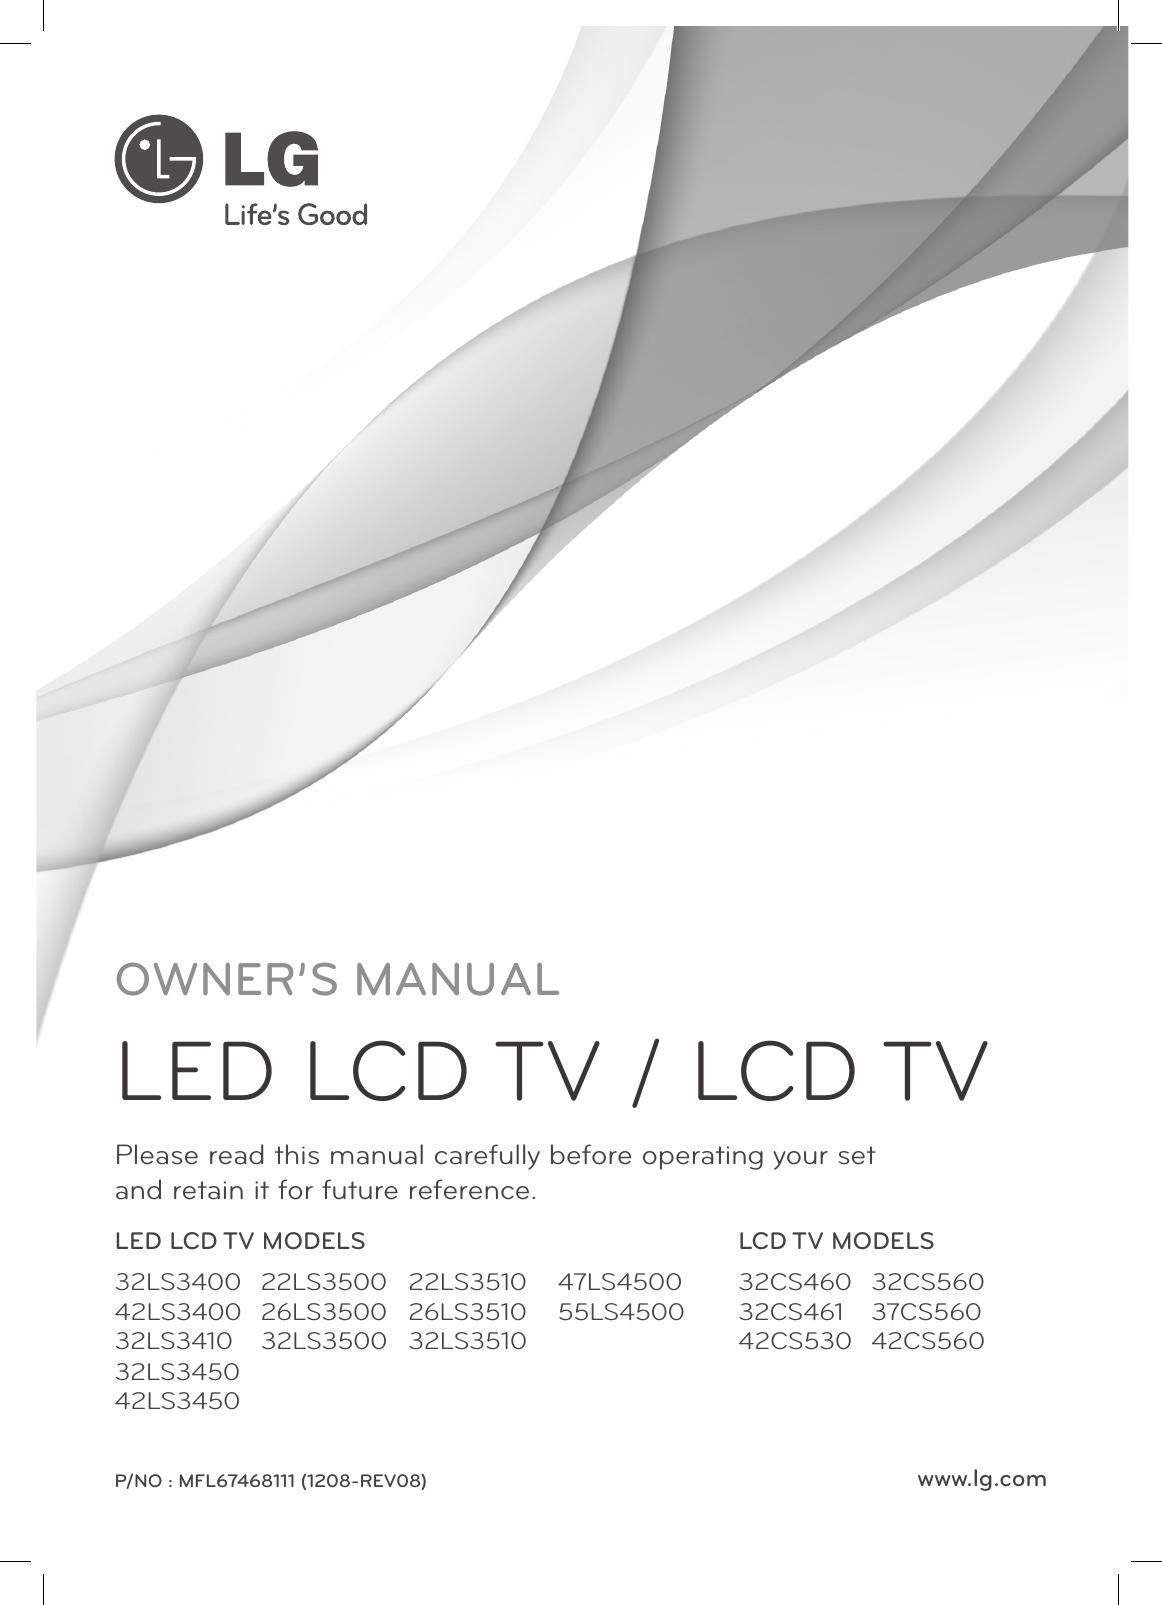 Lg 55ls4500 User Manual Owner S Mfl67468111 08 Edt